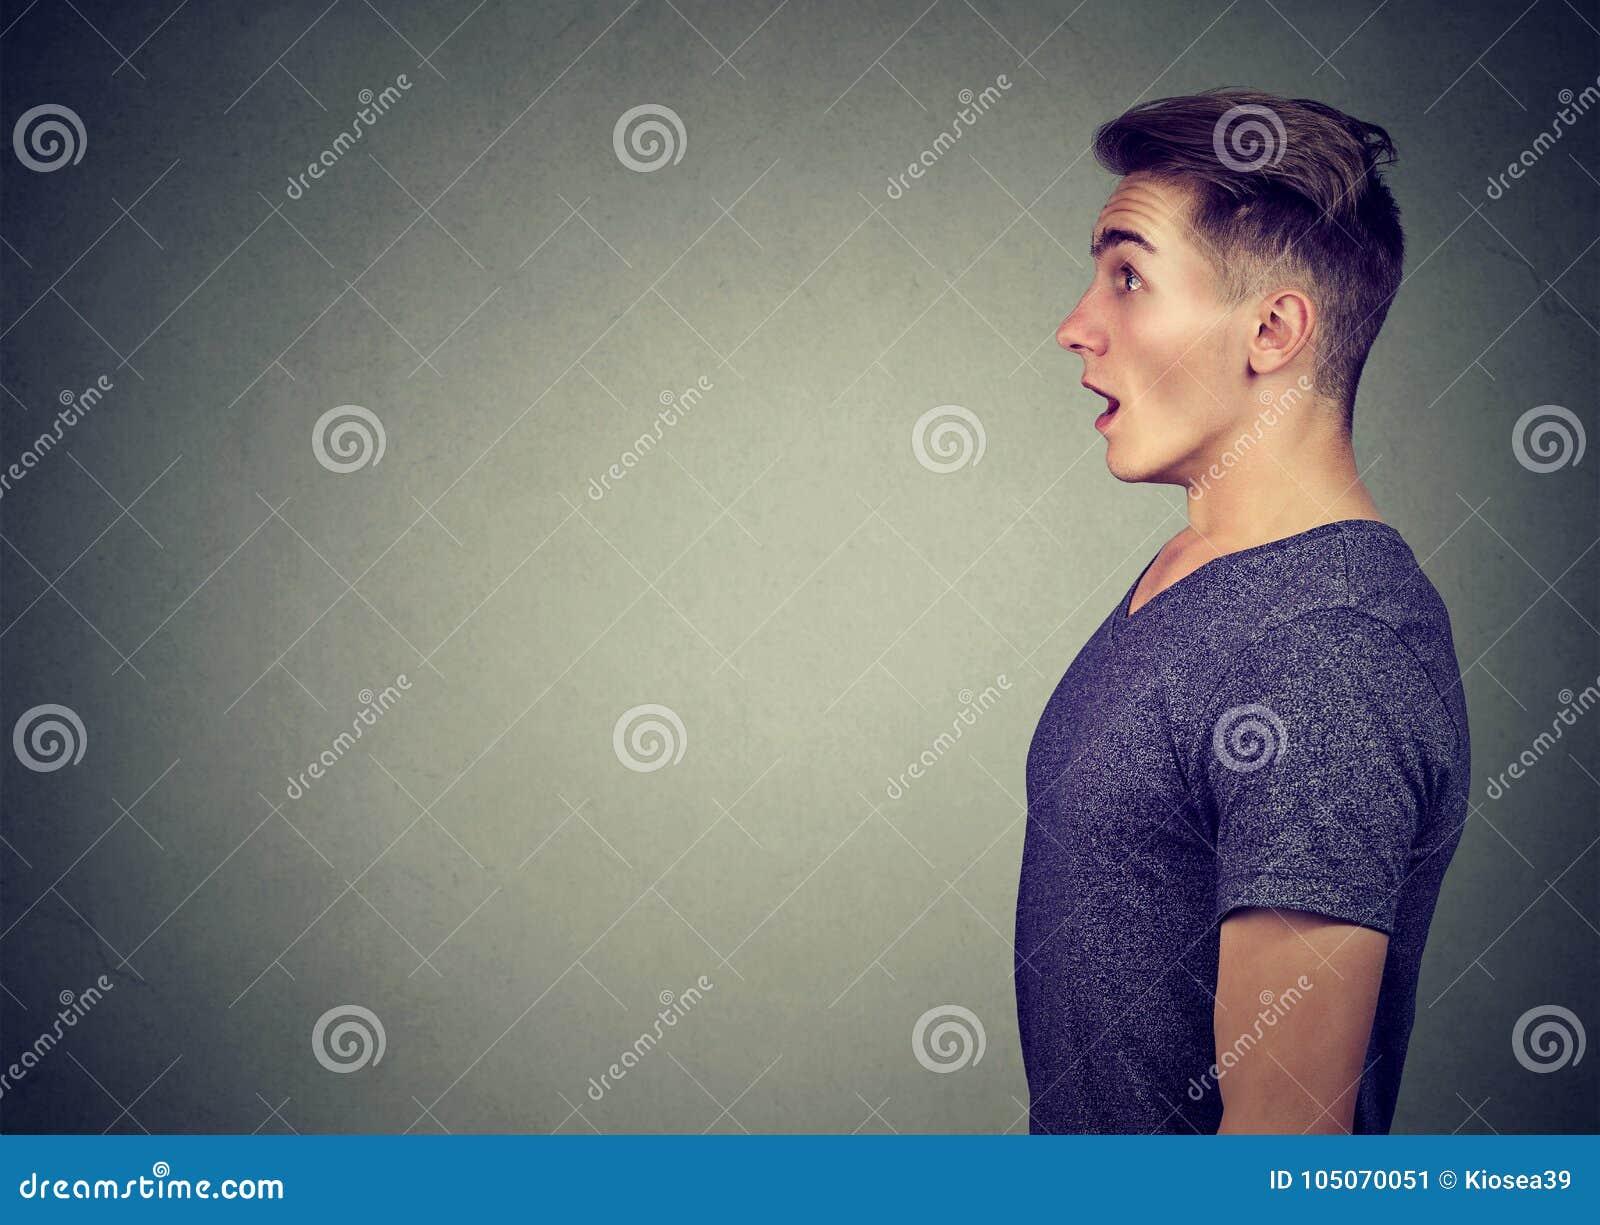 Boczny profil szokujący młody człowiek